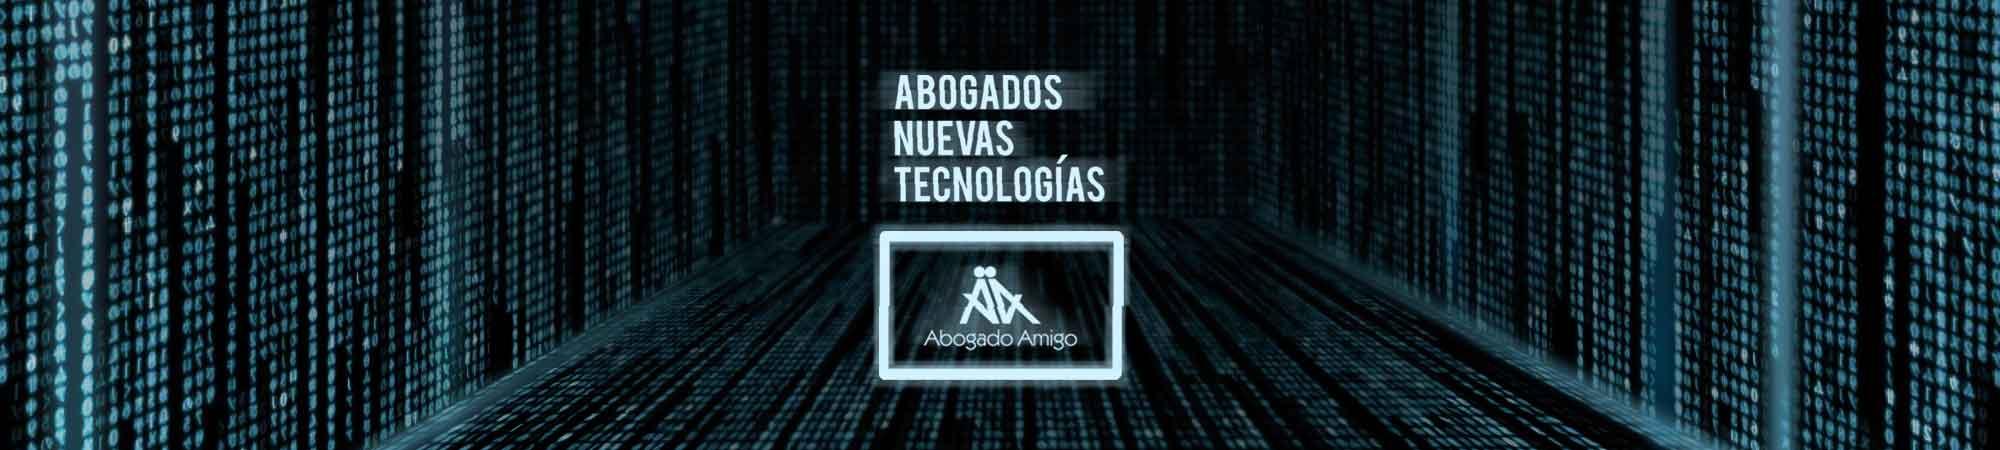 Abogados informáticos Barcelona tecnología internet